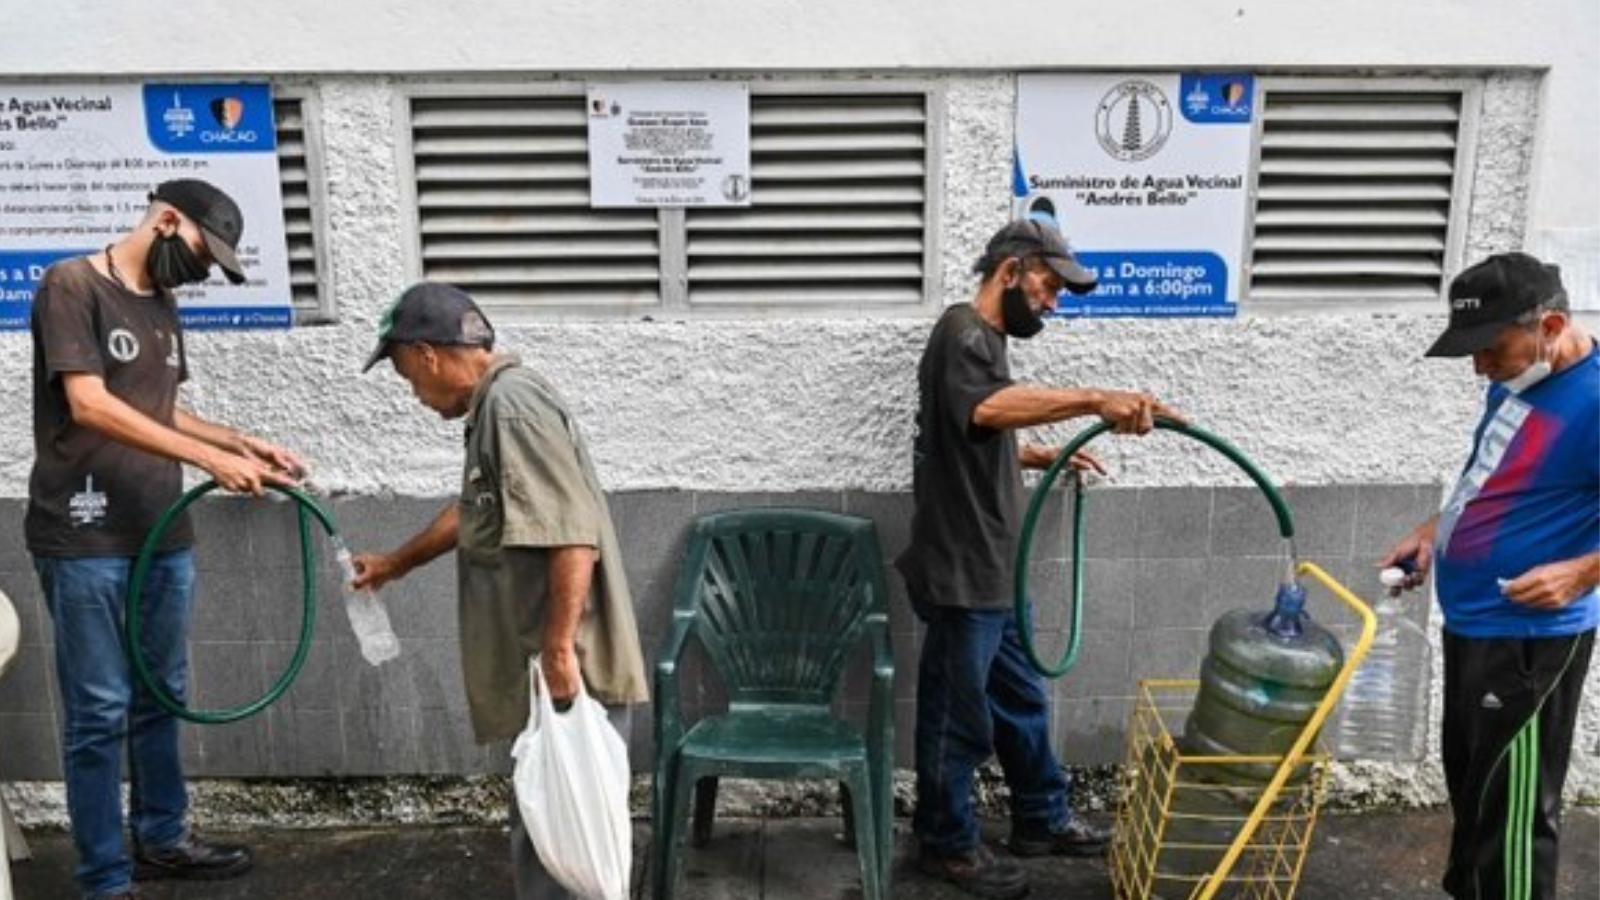 Al 99% de los venezolanos se les dificulta el acceso al agua